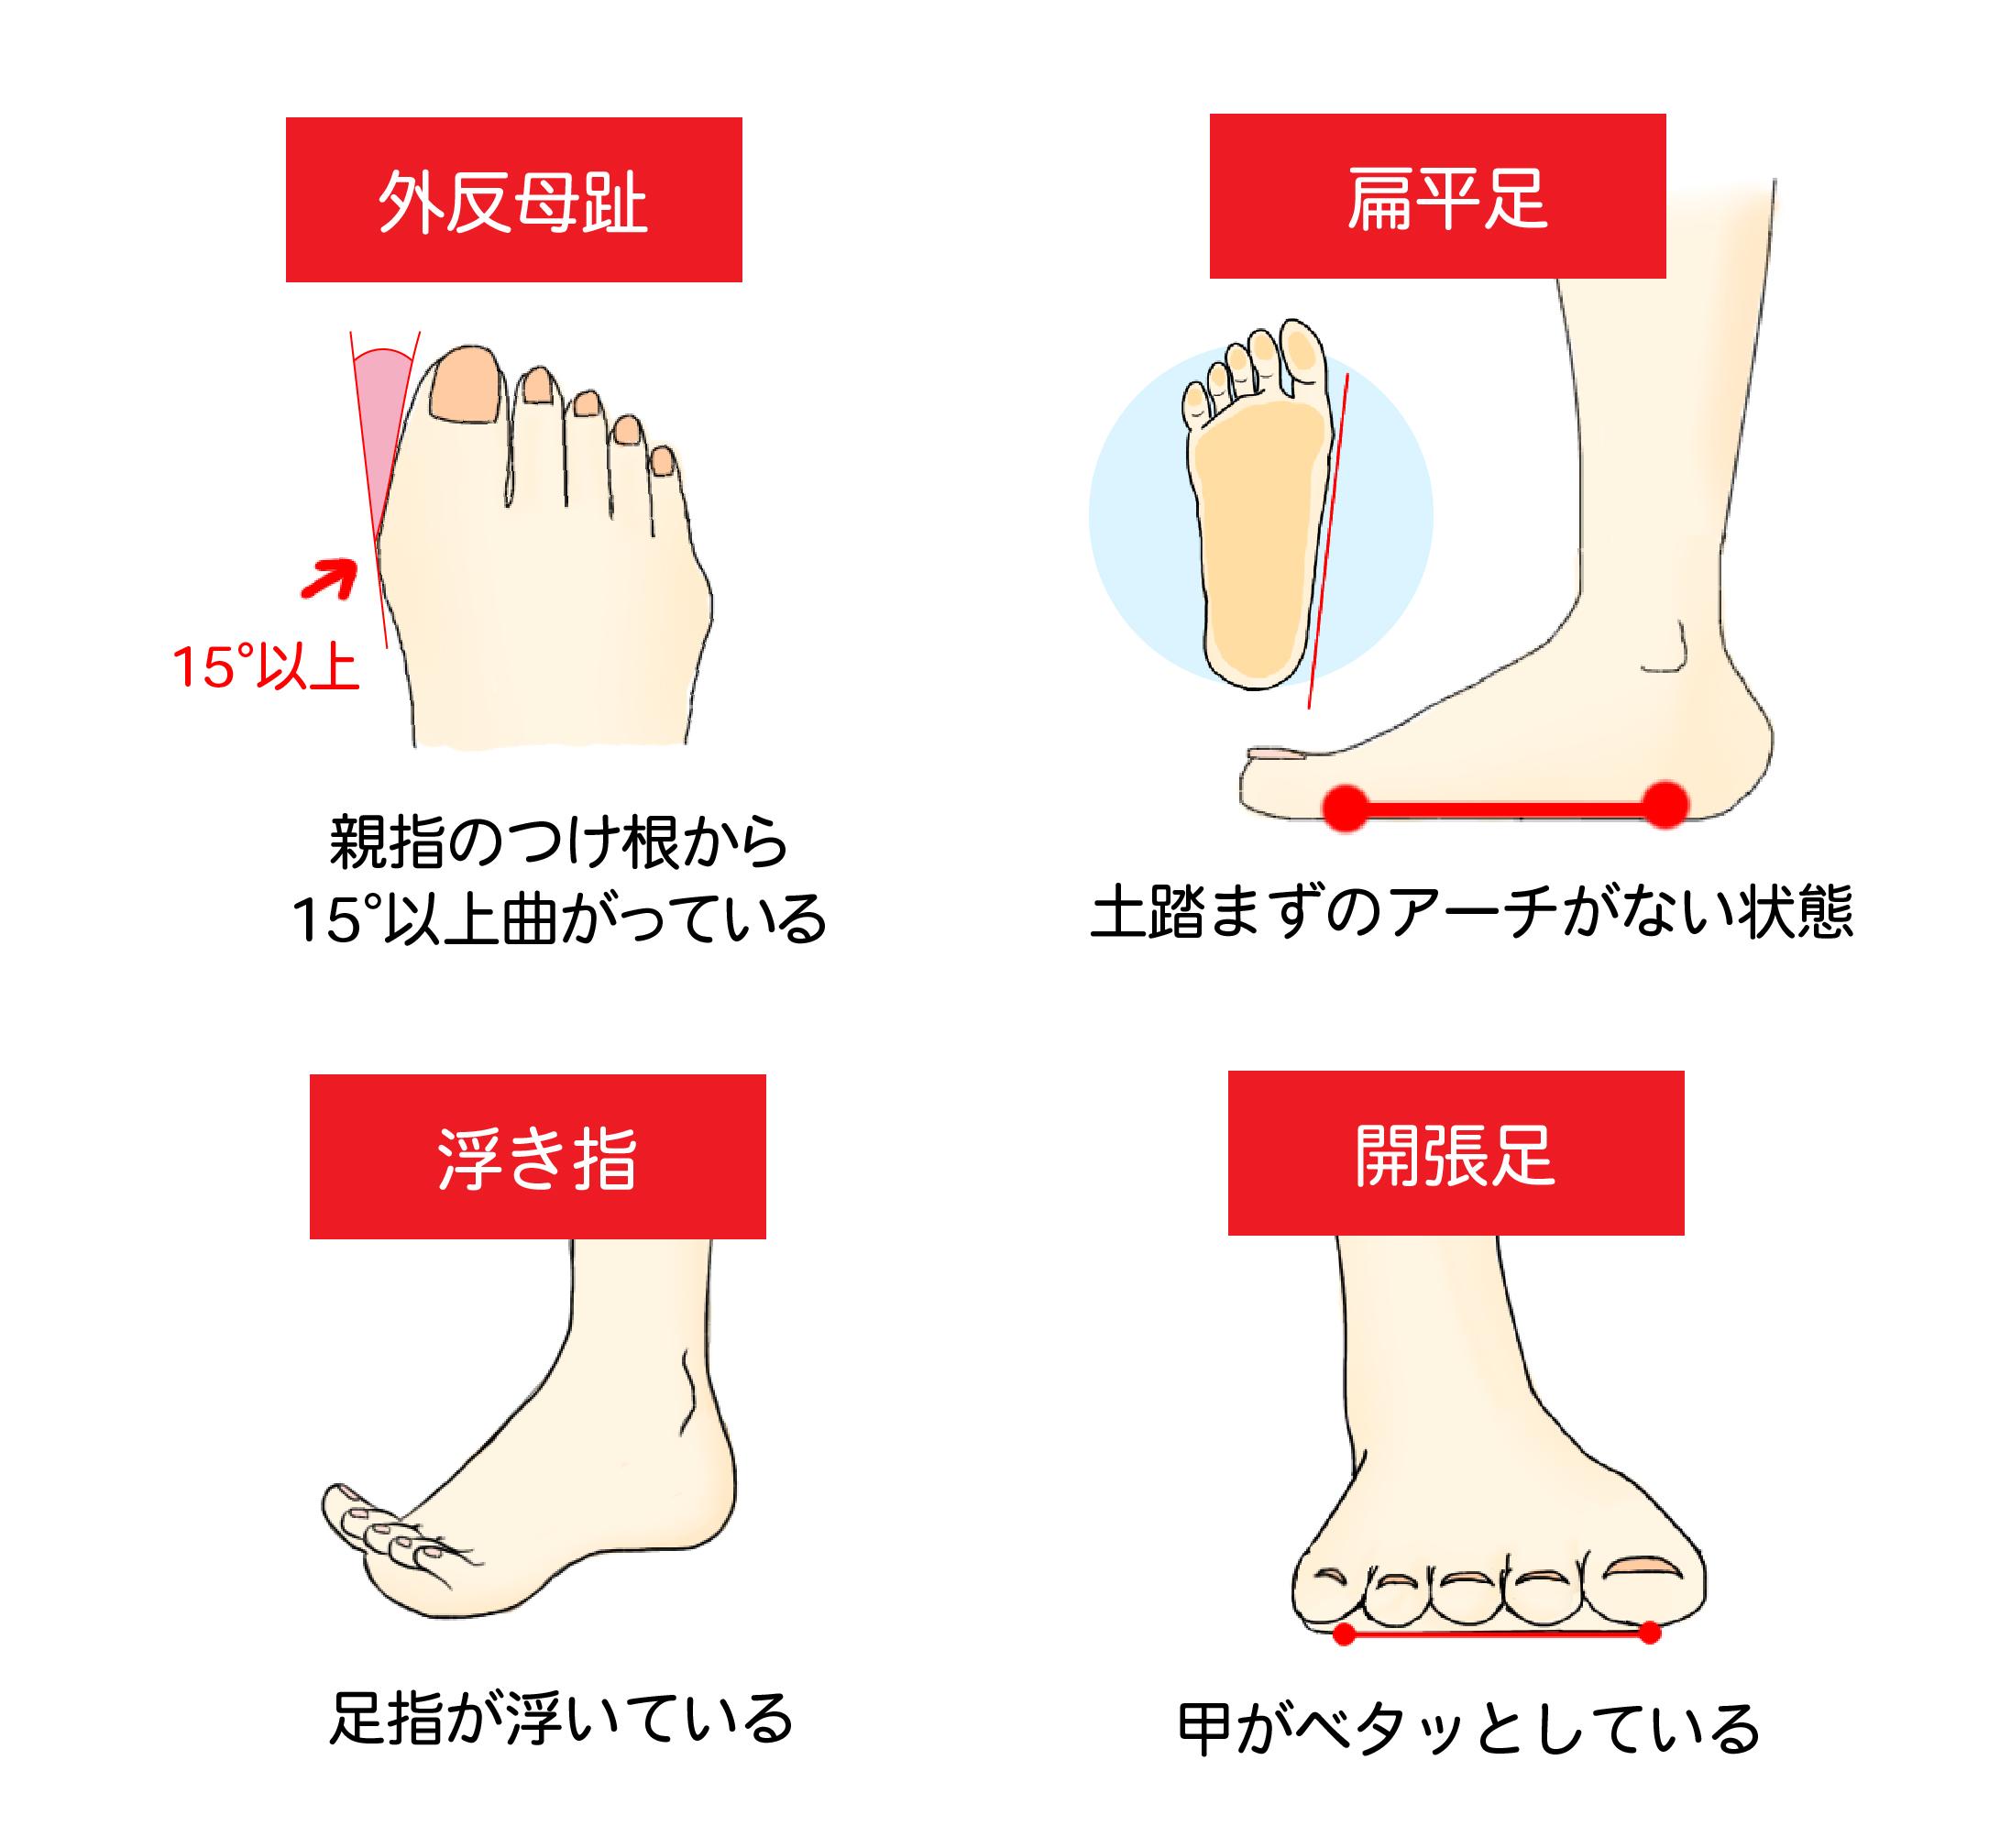 外反母趾:親指の付け根から15°以上曲がっている状態|扁平足:土踏まずのアーチがない状態|浮き指:足指が浮いている状態|開張足:甲がべたっとしている状態